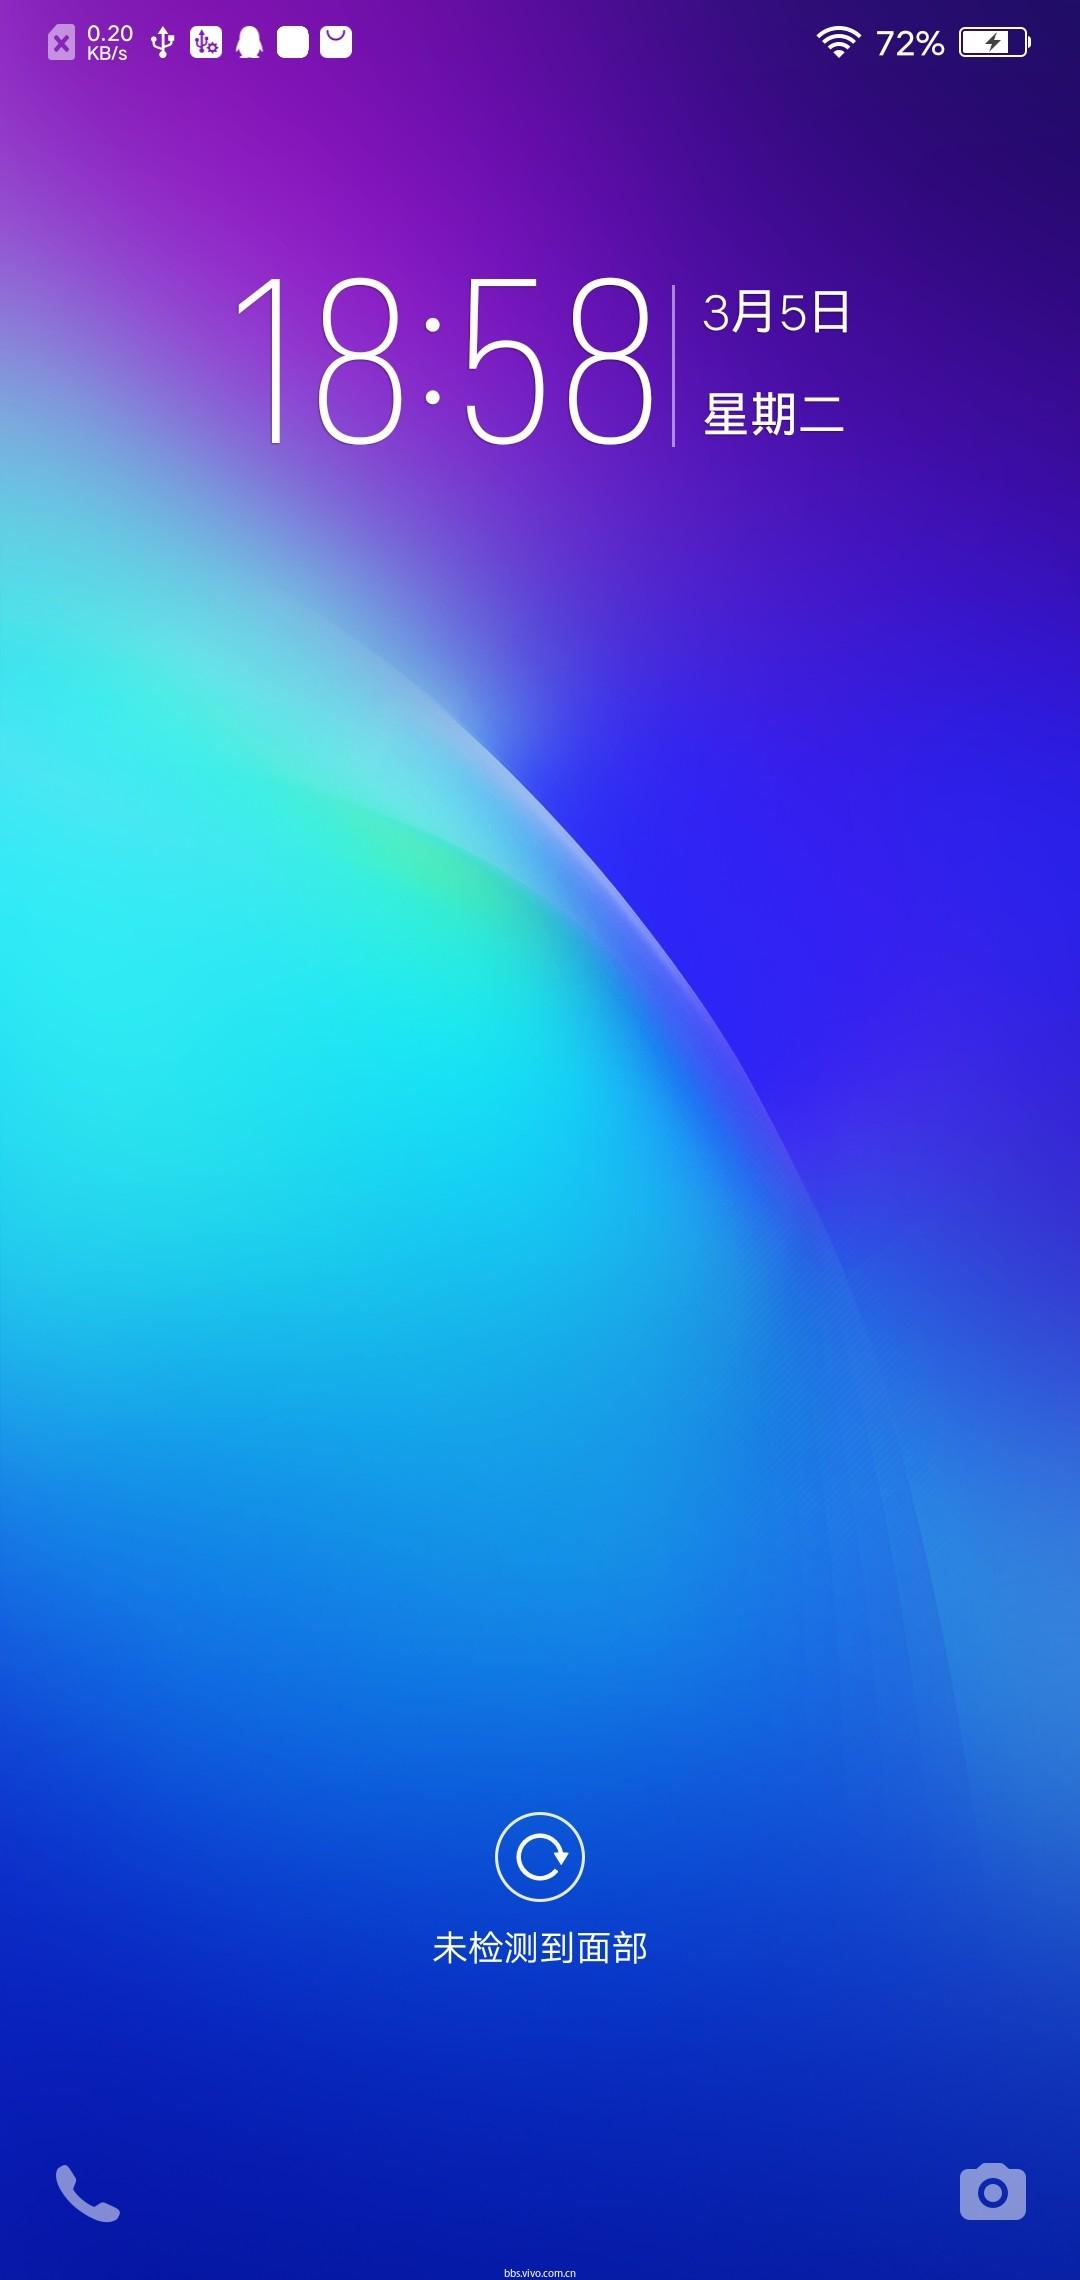 Screenshot_20190305_185805.jpg